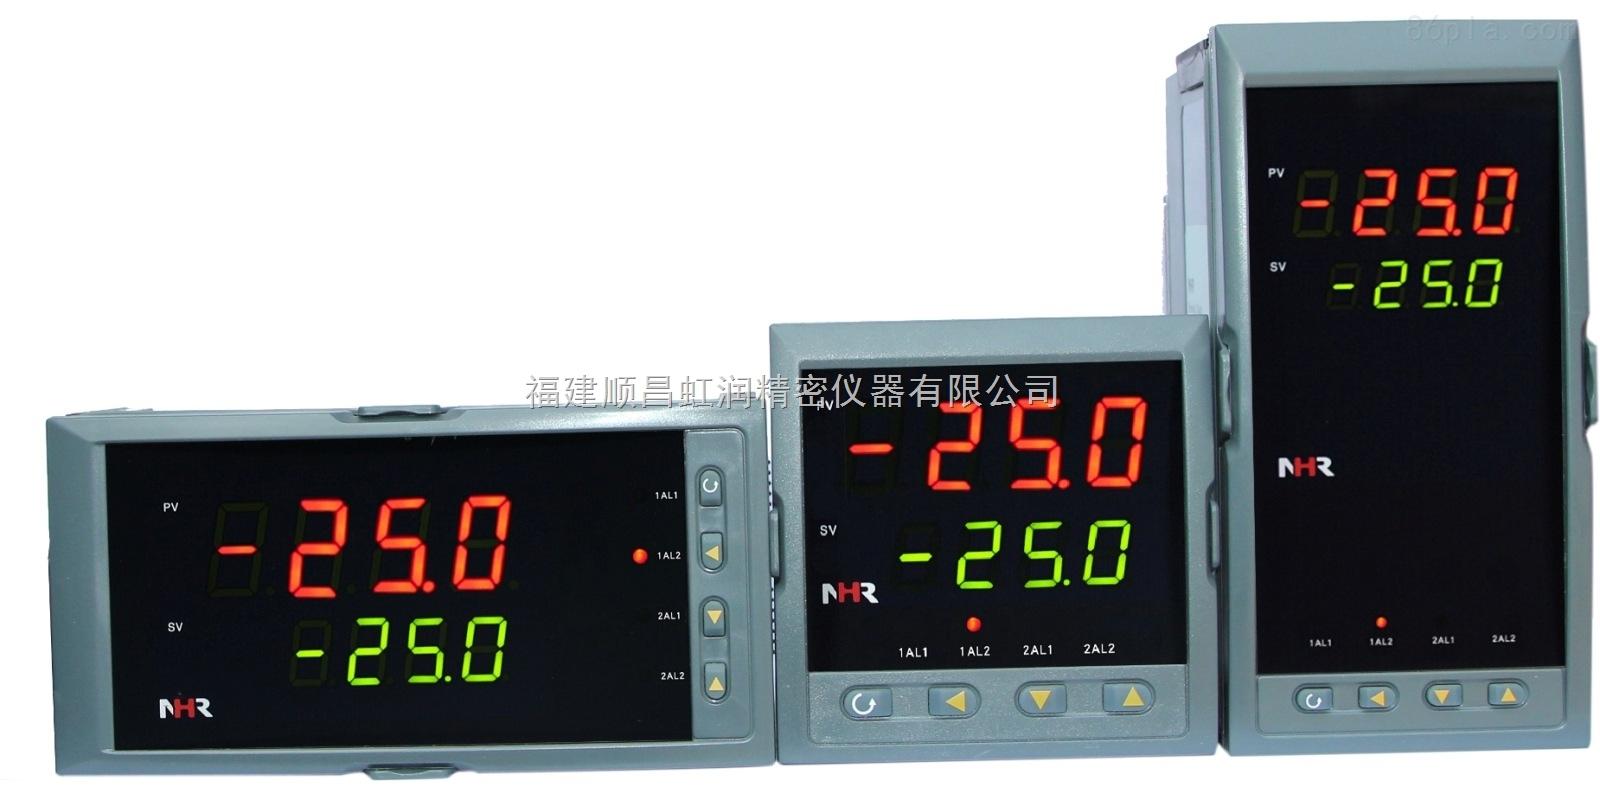 虹润NHR-5620系列数字显示容积仪